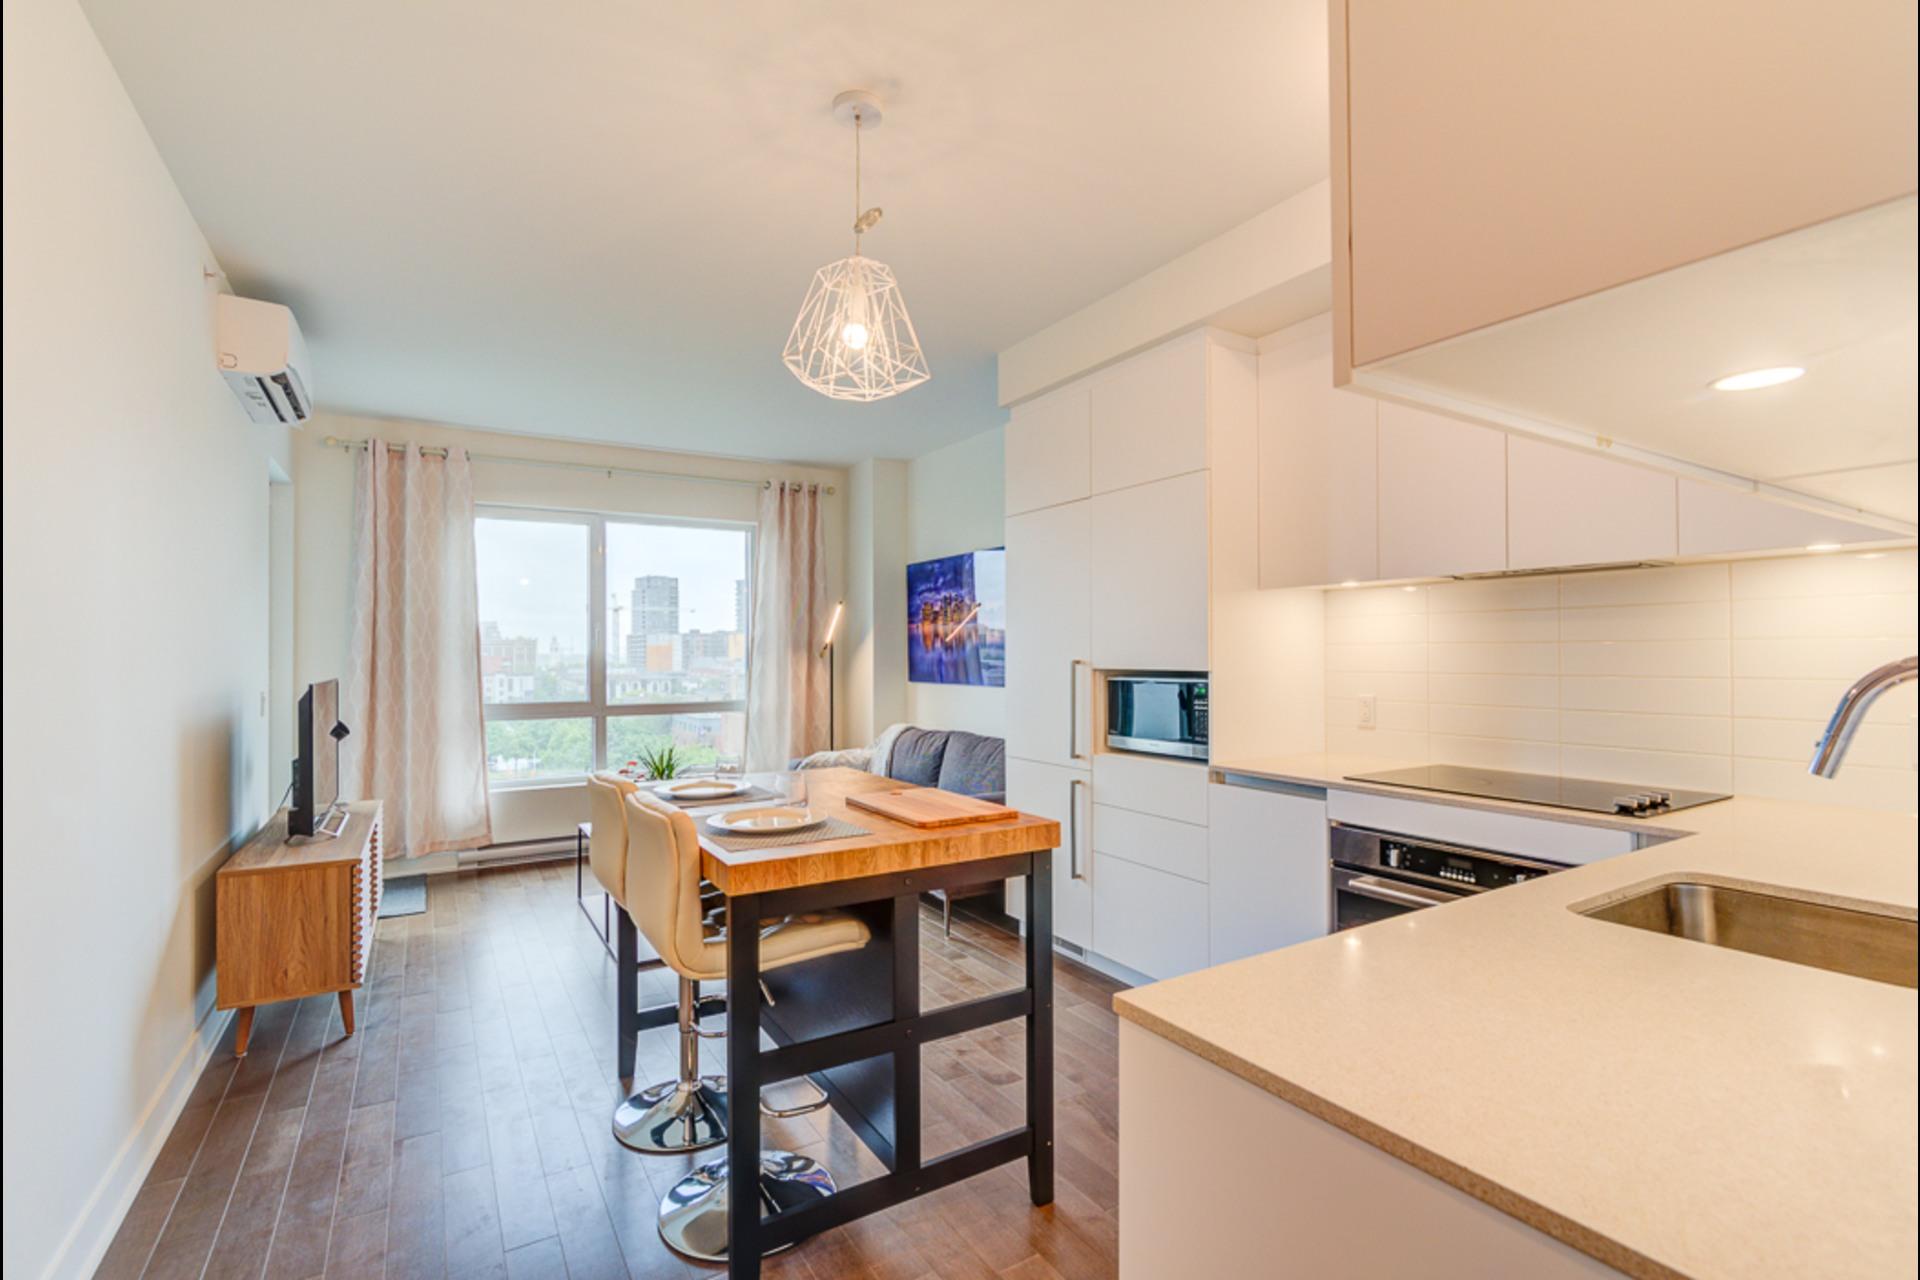 image 1 - Condo For rent Montréal - 4 rooms